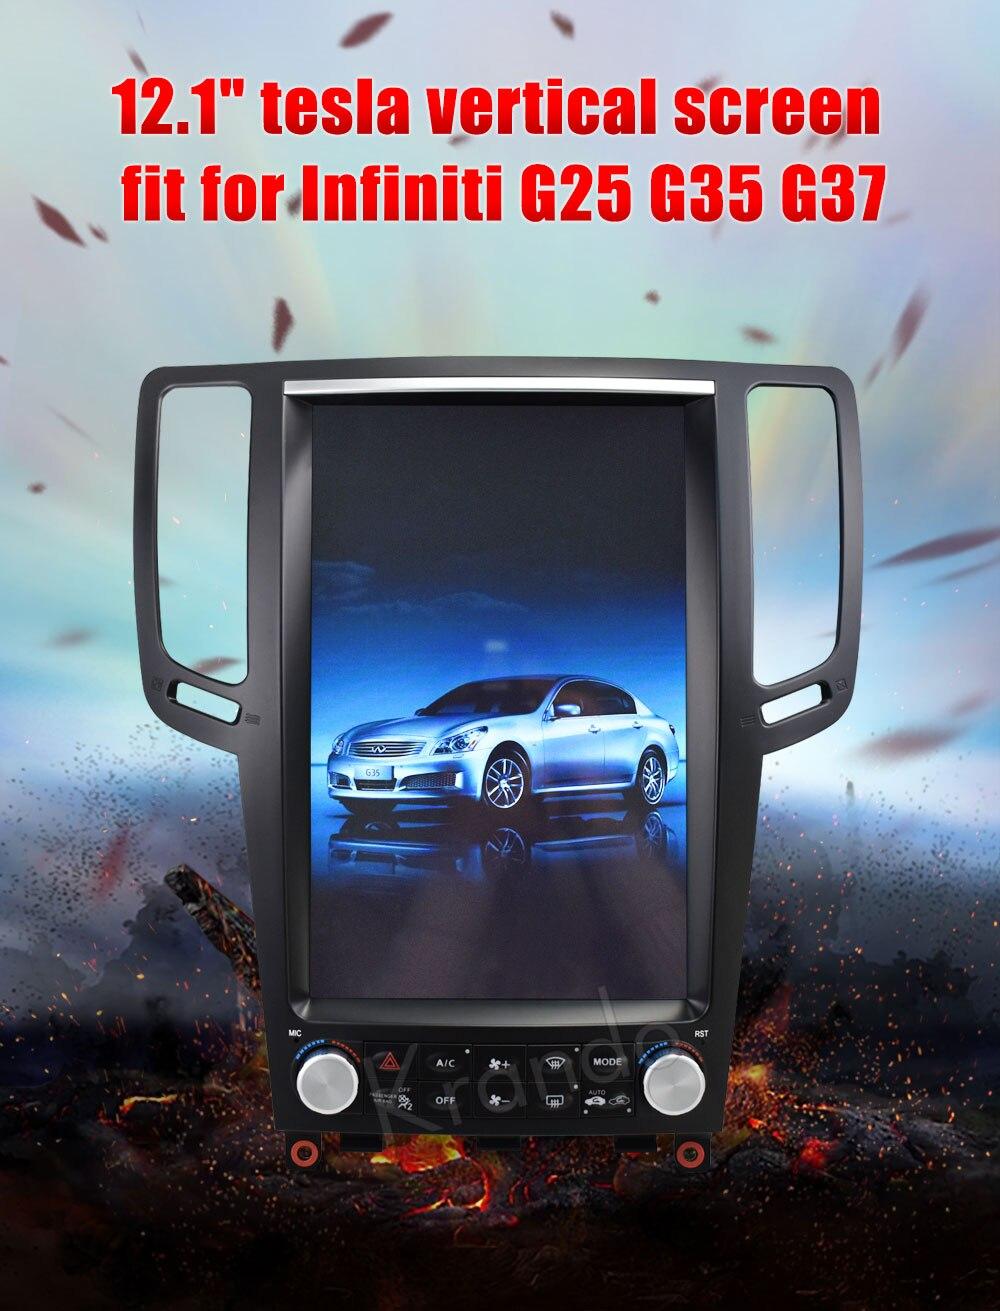 1000px Infiniti G25 G35 G37 12.1 CK 1 (1)